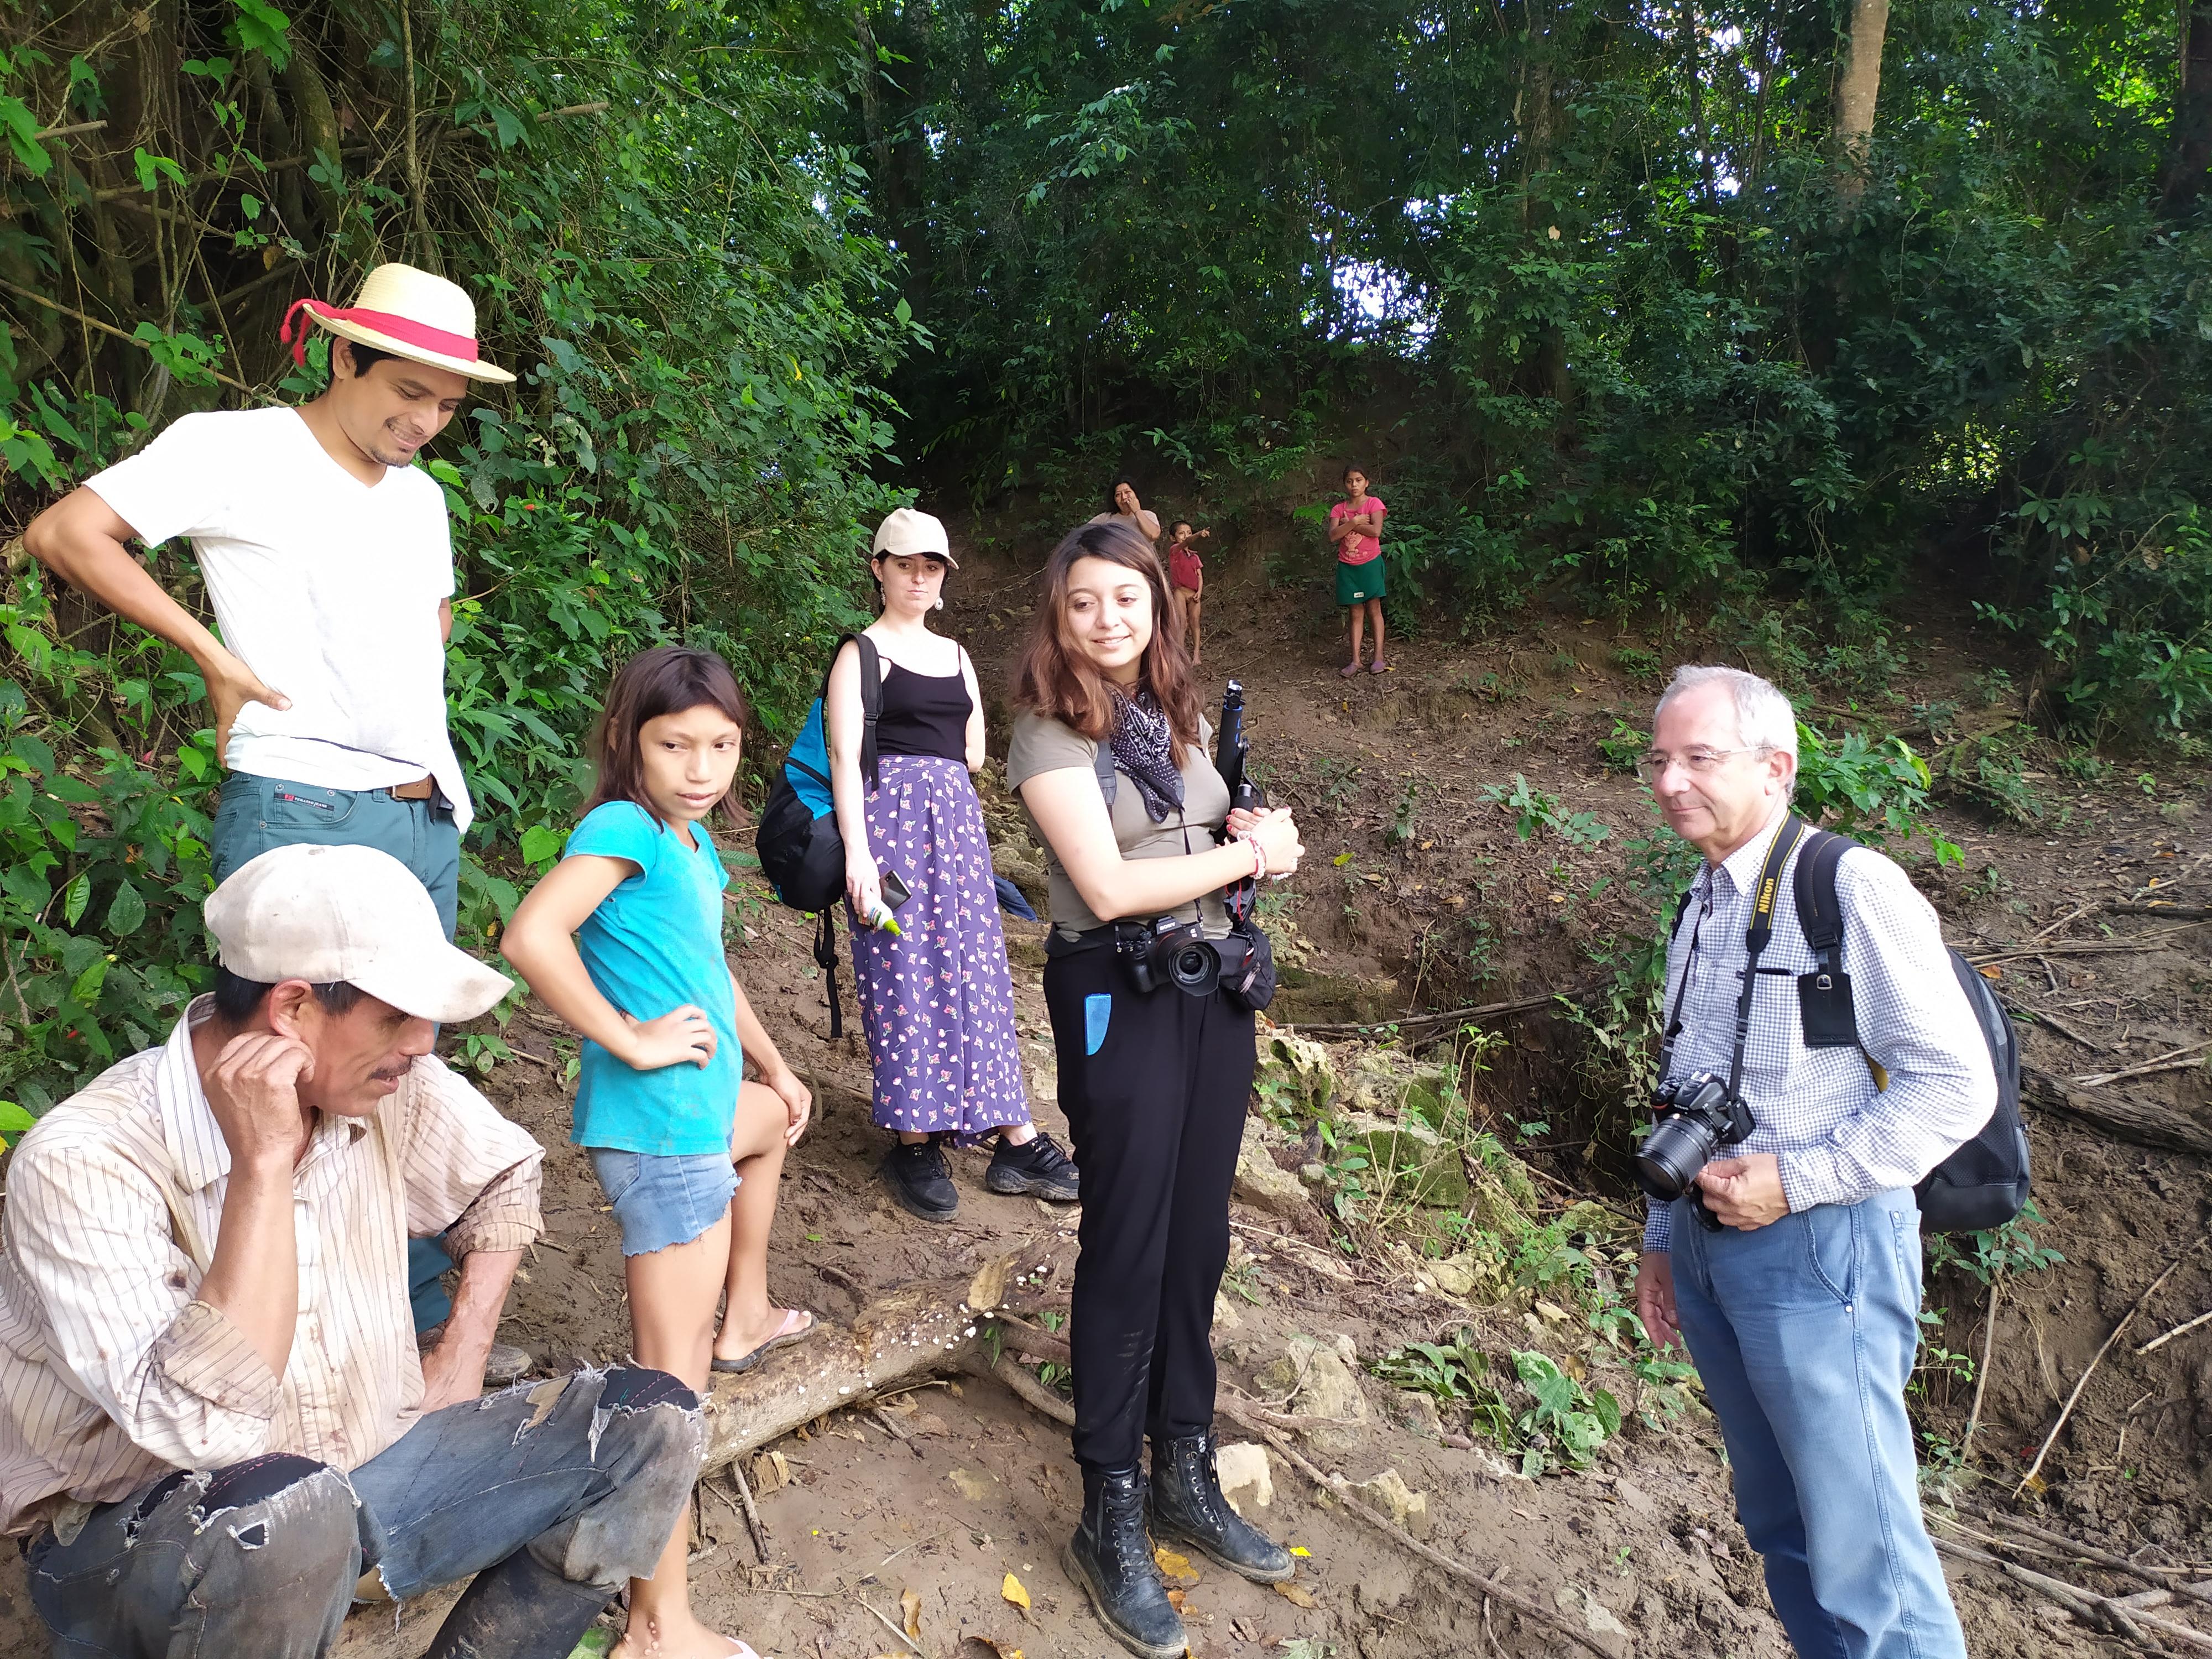 Comunidad de Francisco León (Chiapas). Concurso de cortometrajes, Festival de Clipmetrajes